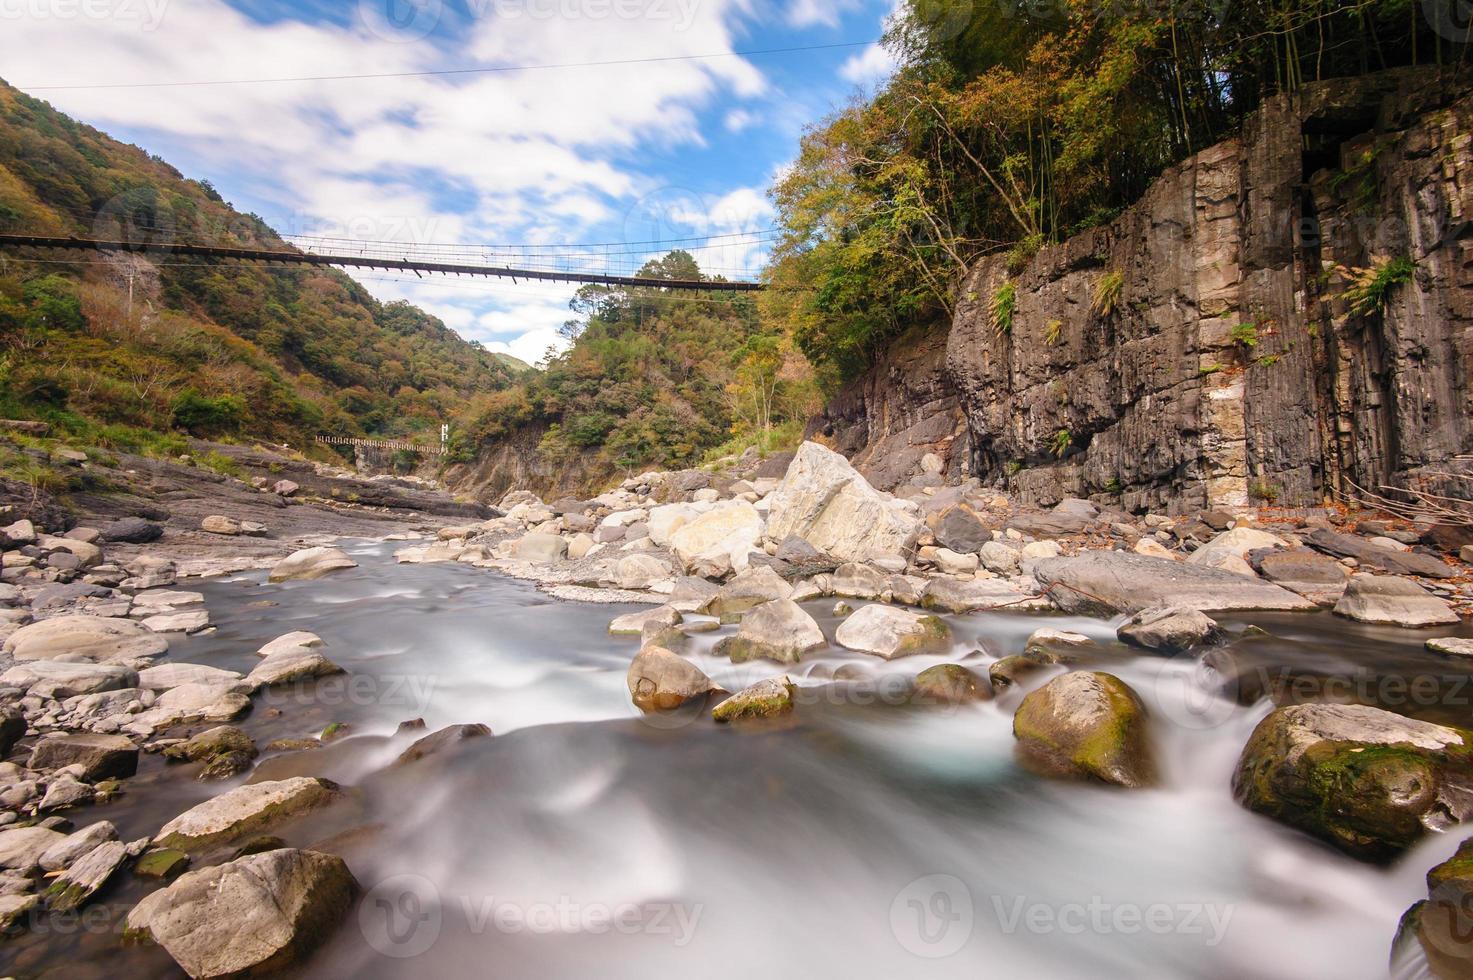 fiume che scorre veloce foto